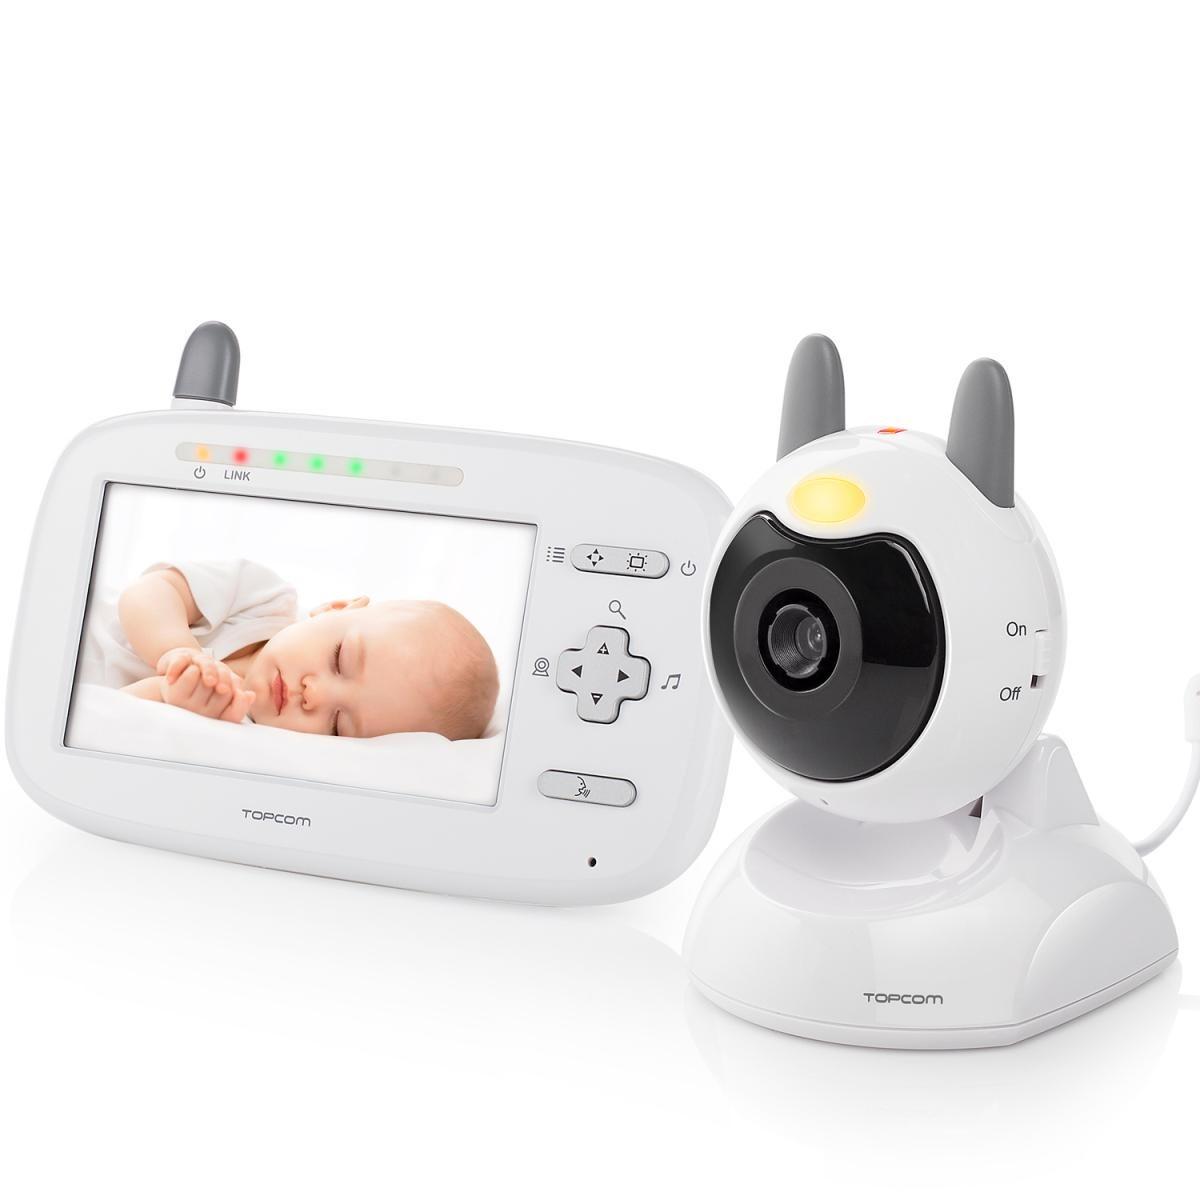 Topcom Digital Babymonitor KS-4248